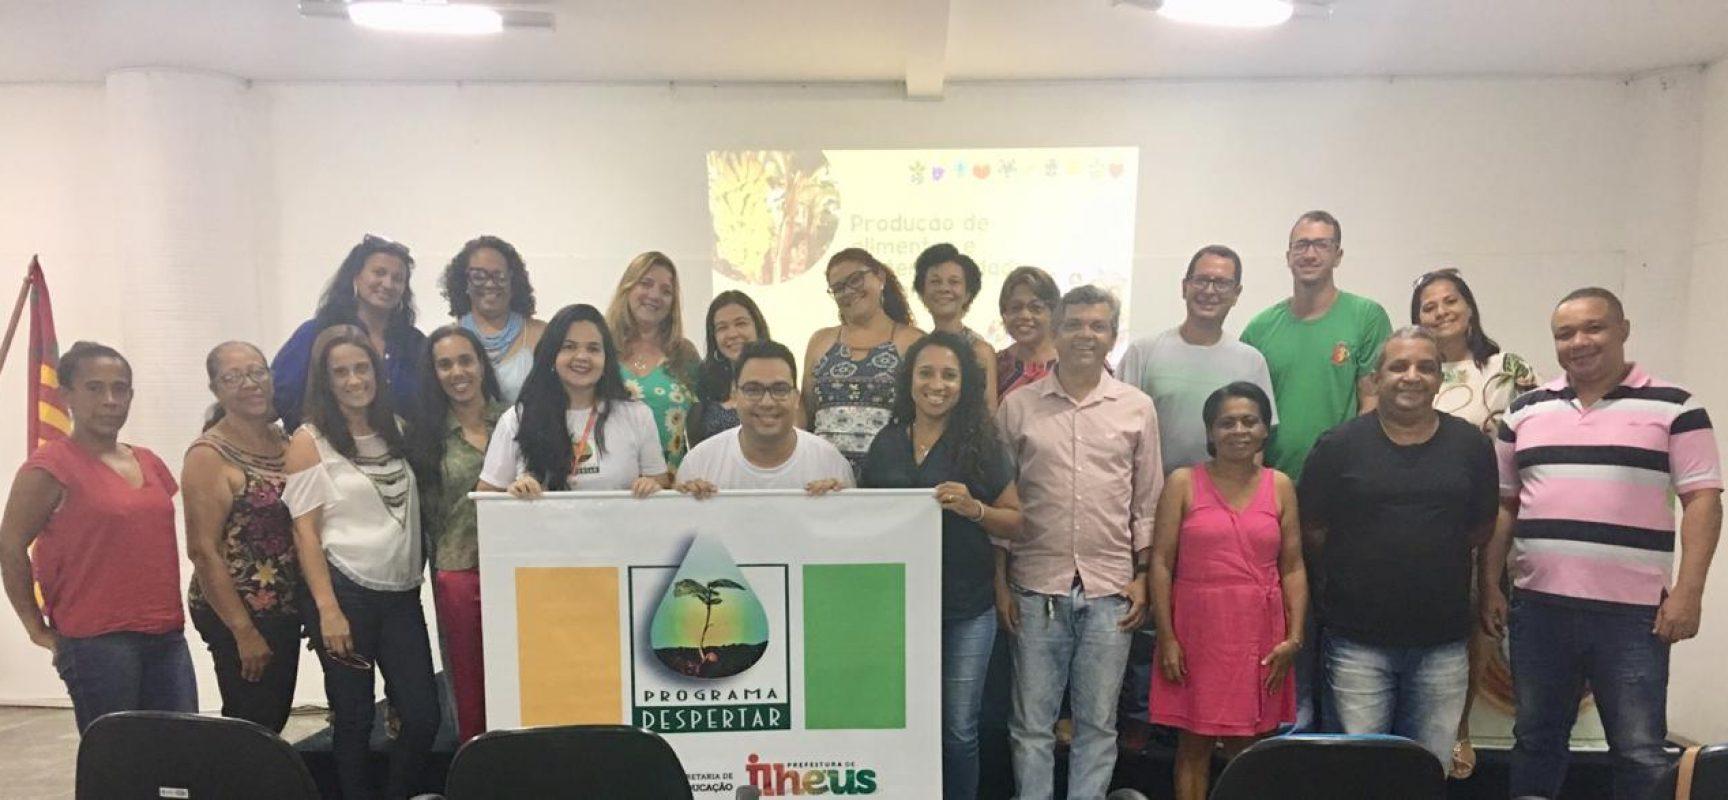 Seduc e Senar realizam formação municipal de professores do Programa Despertar